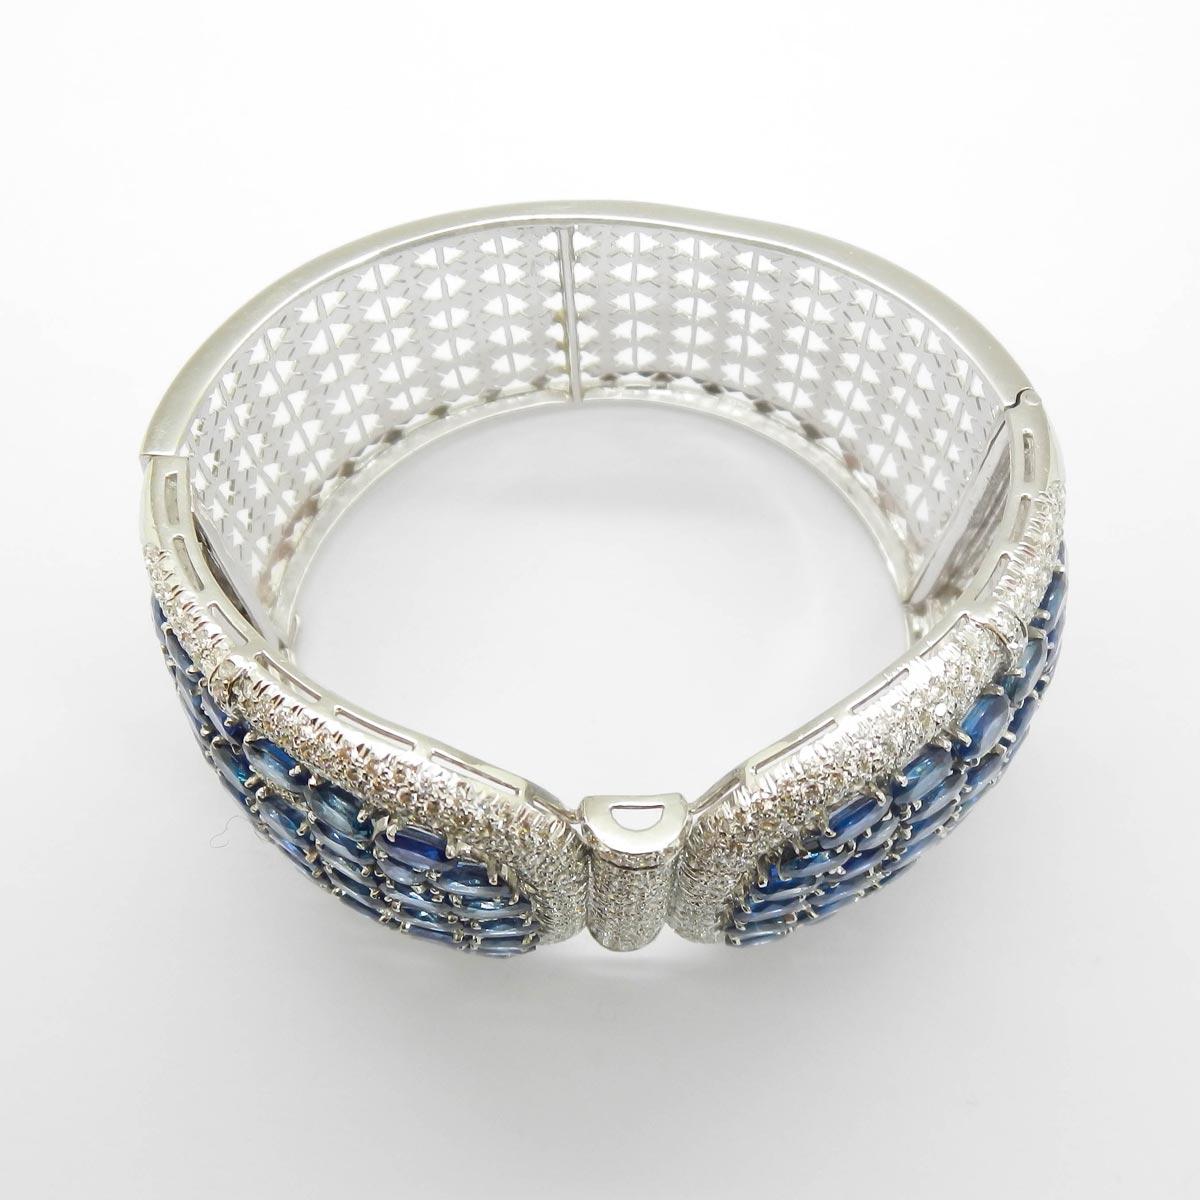 il-marchese-diamonds-diamanti-gioielli-artigianali-bracciale-rigido-zaffiro-zaffiri-blu-oro-bianco-1